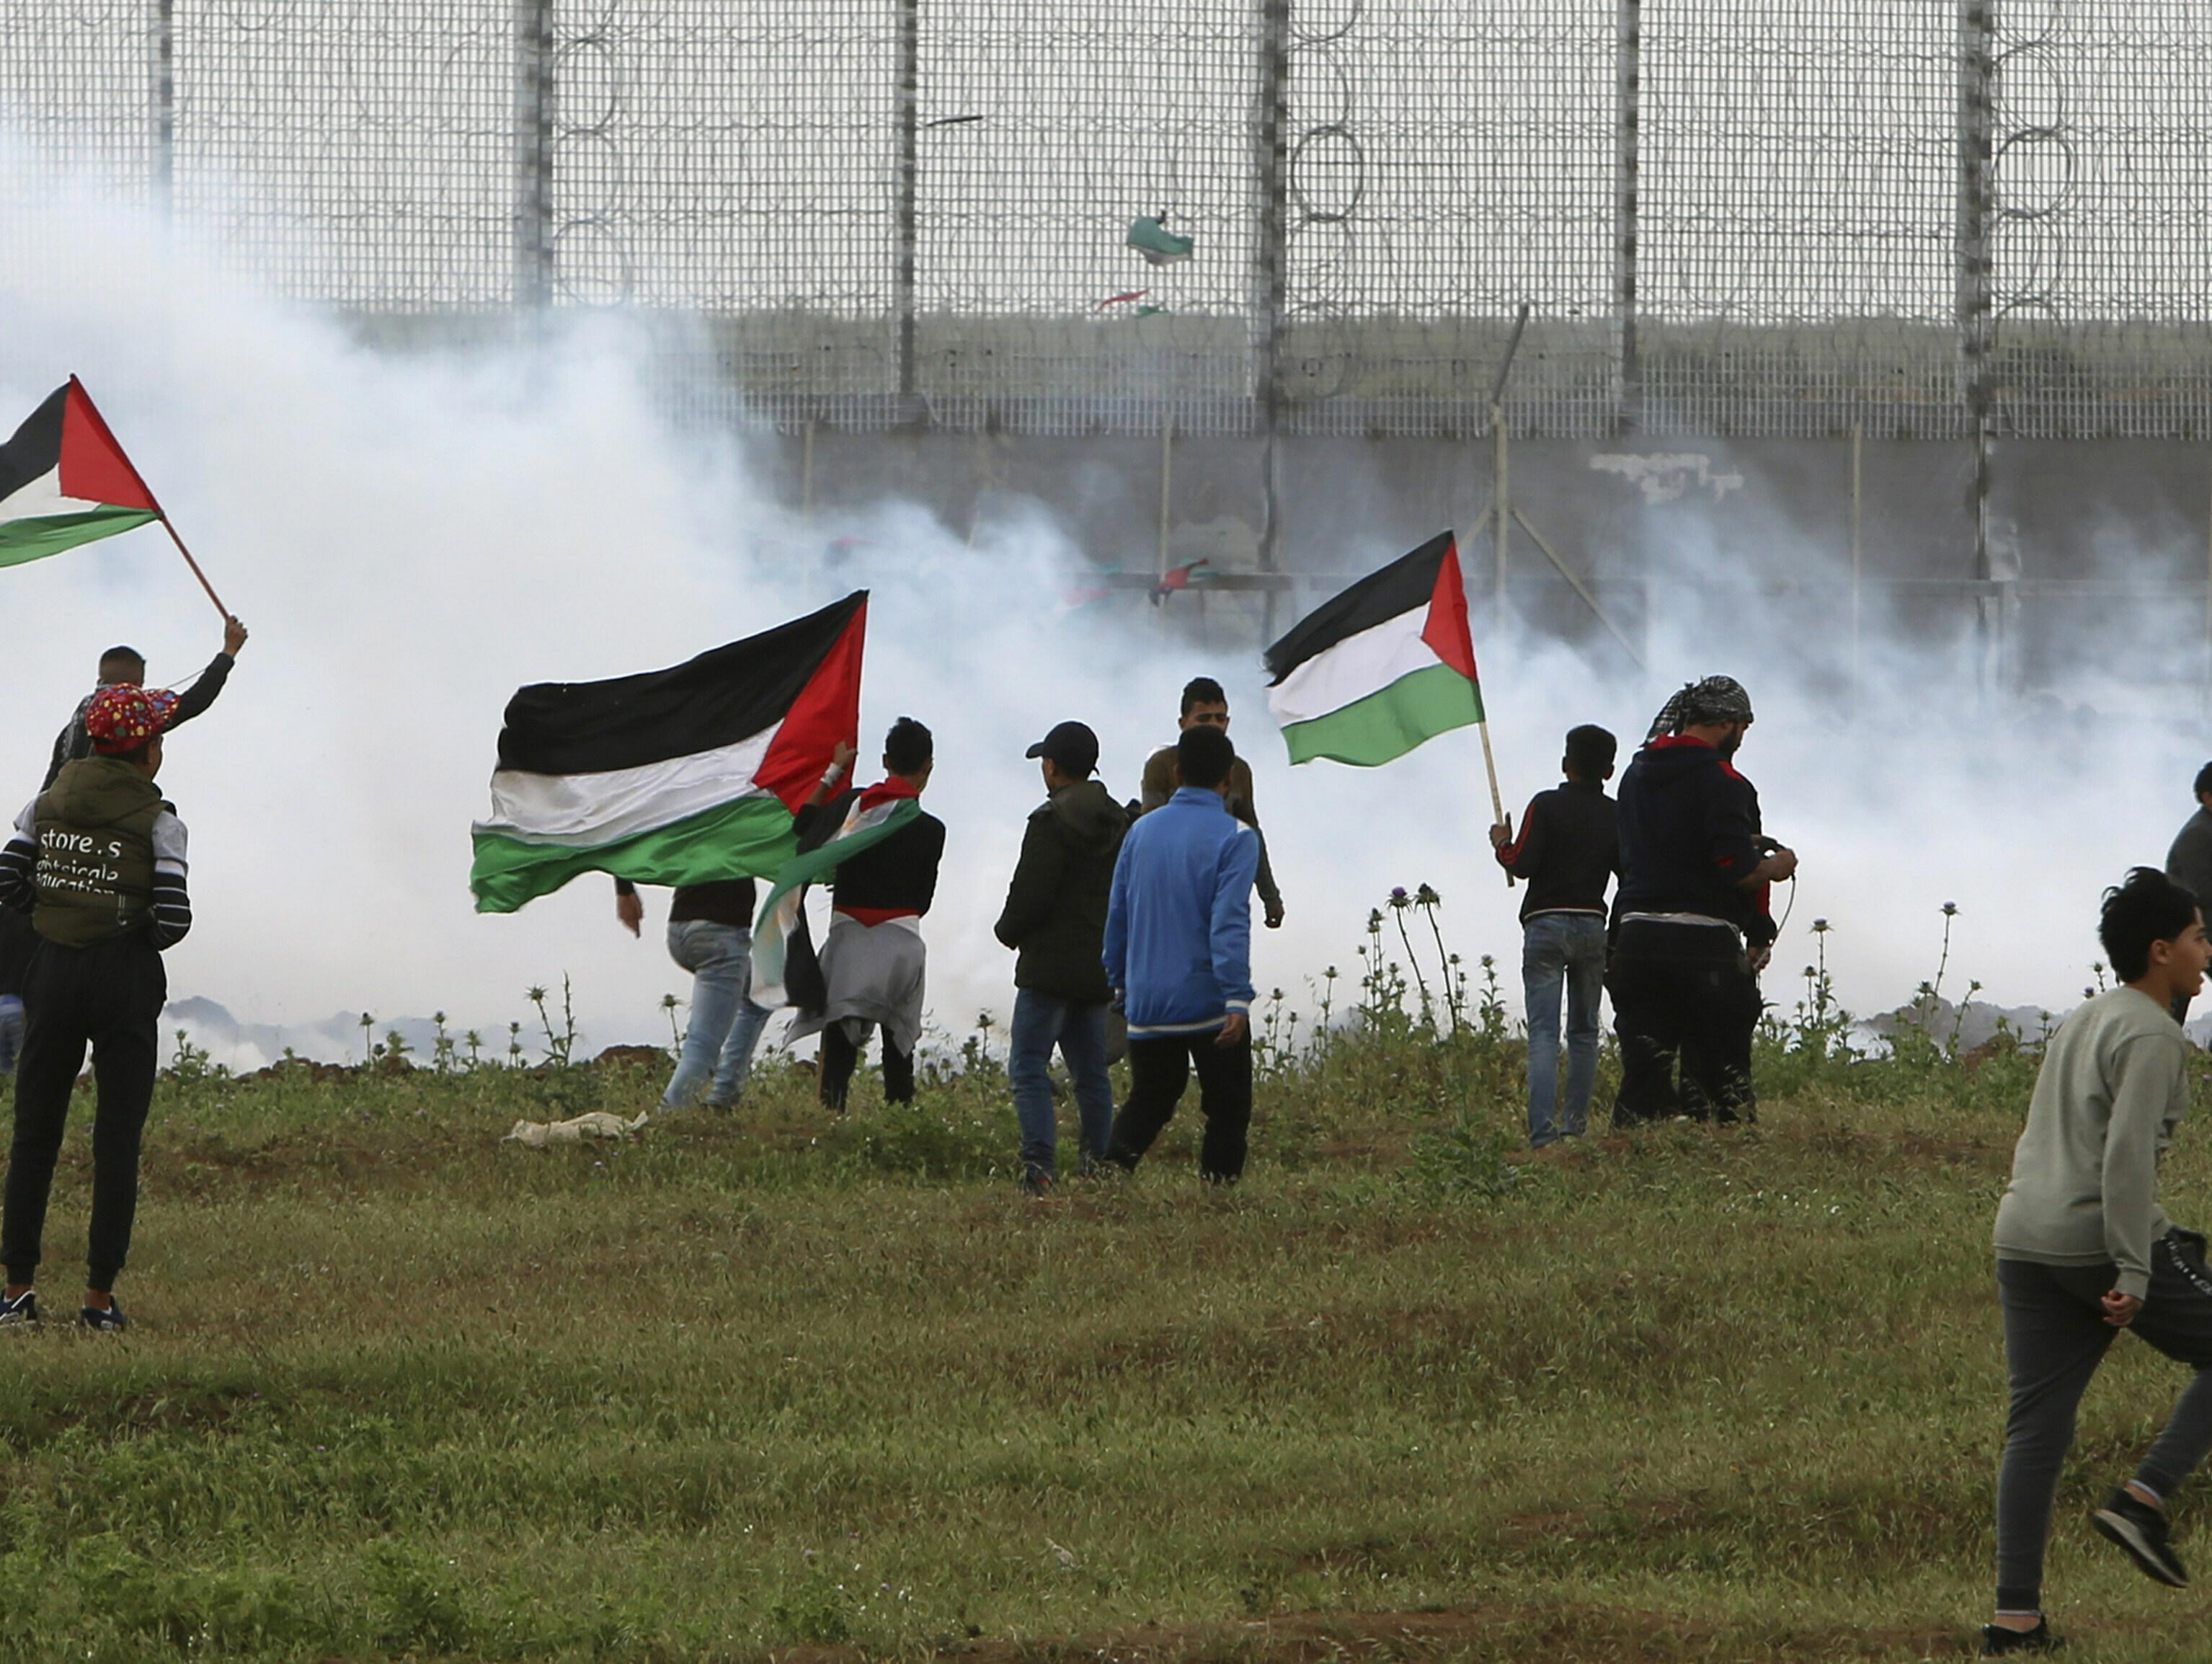 הפלסטינים: נער בן 15 נורה למוות בעימותים בגבול רצועת עזה